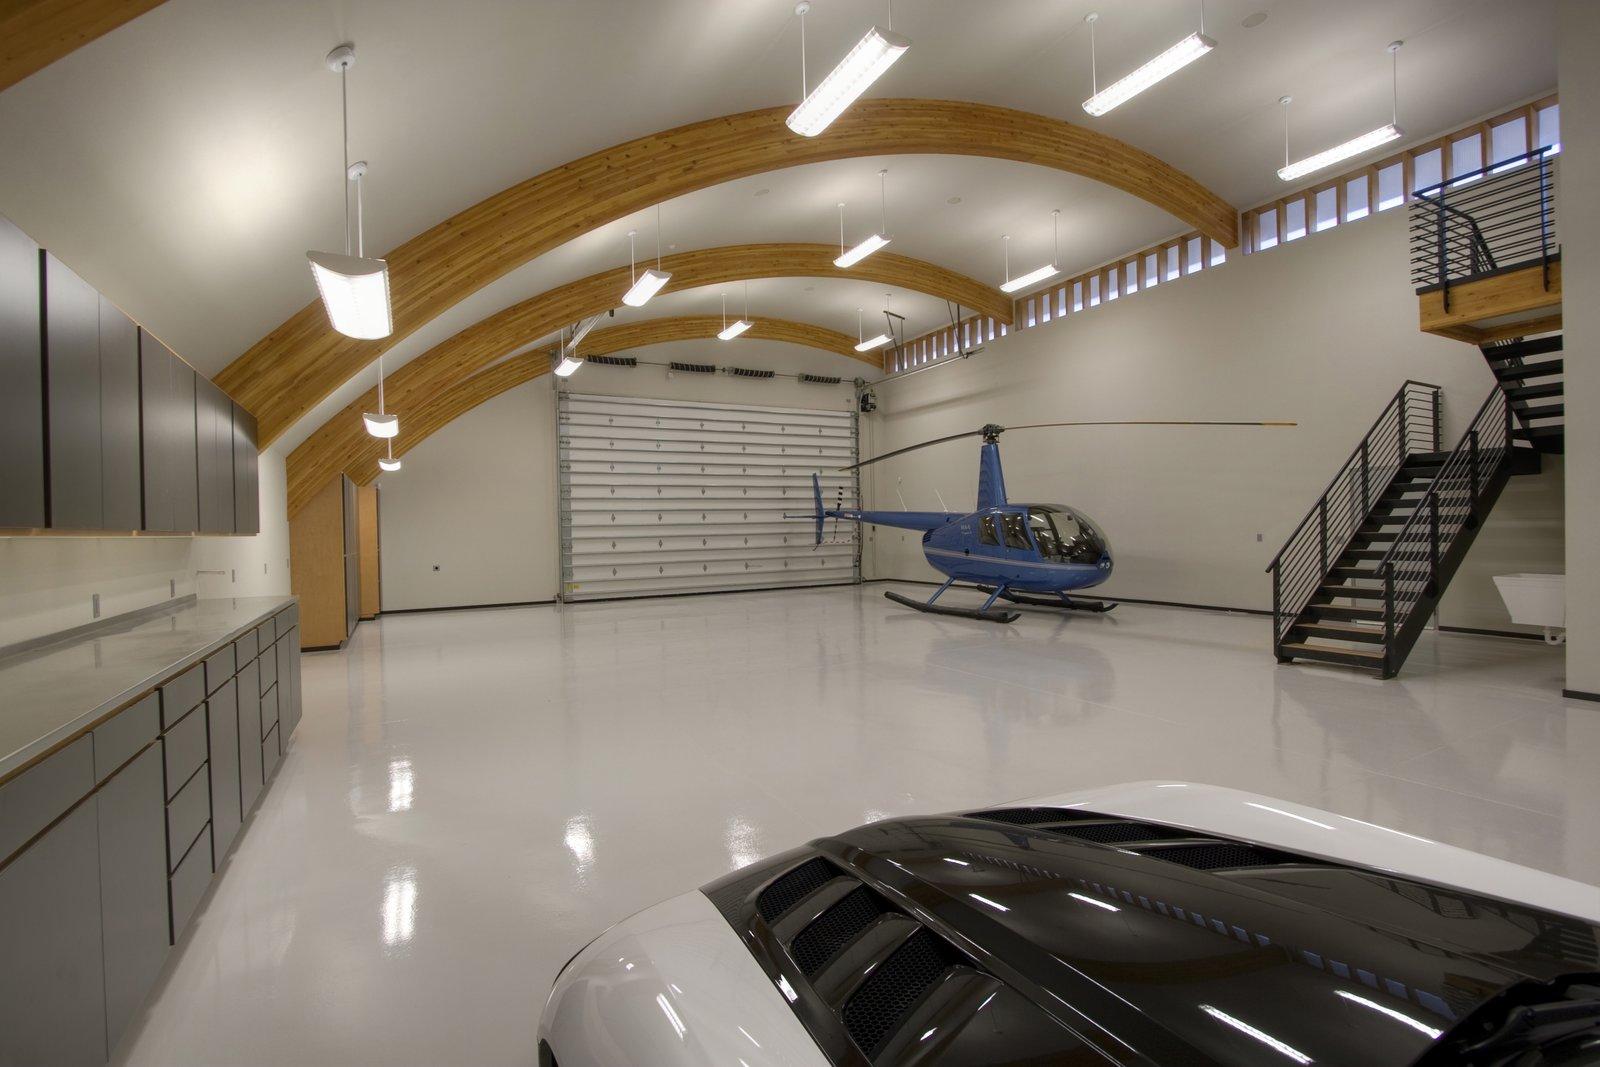 фото гаражей в частных домах внутри характеристика